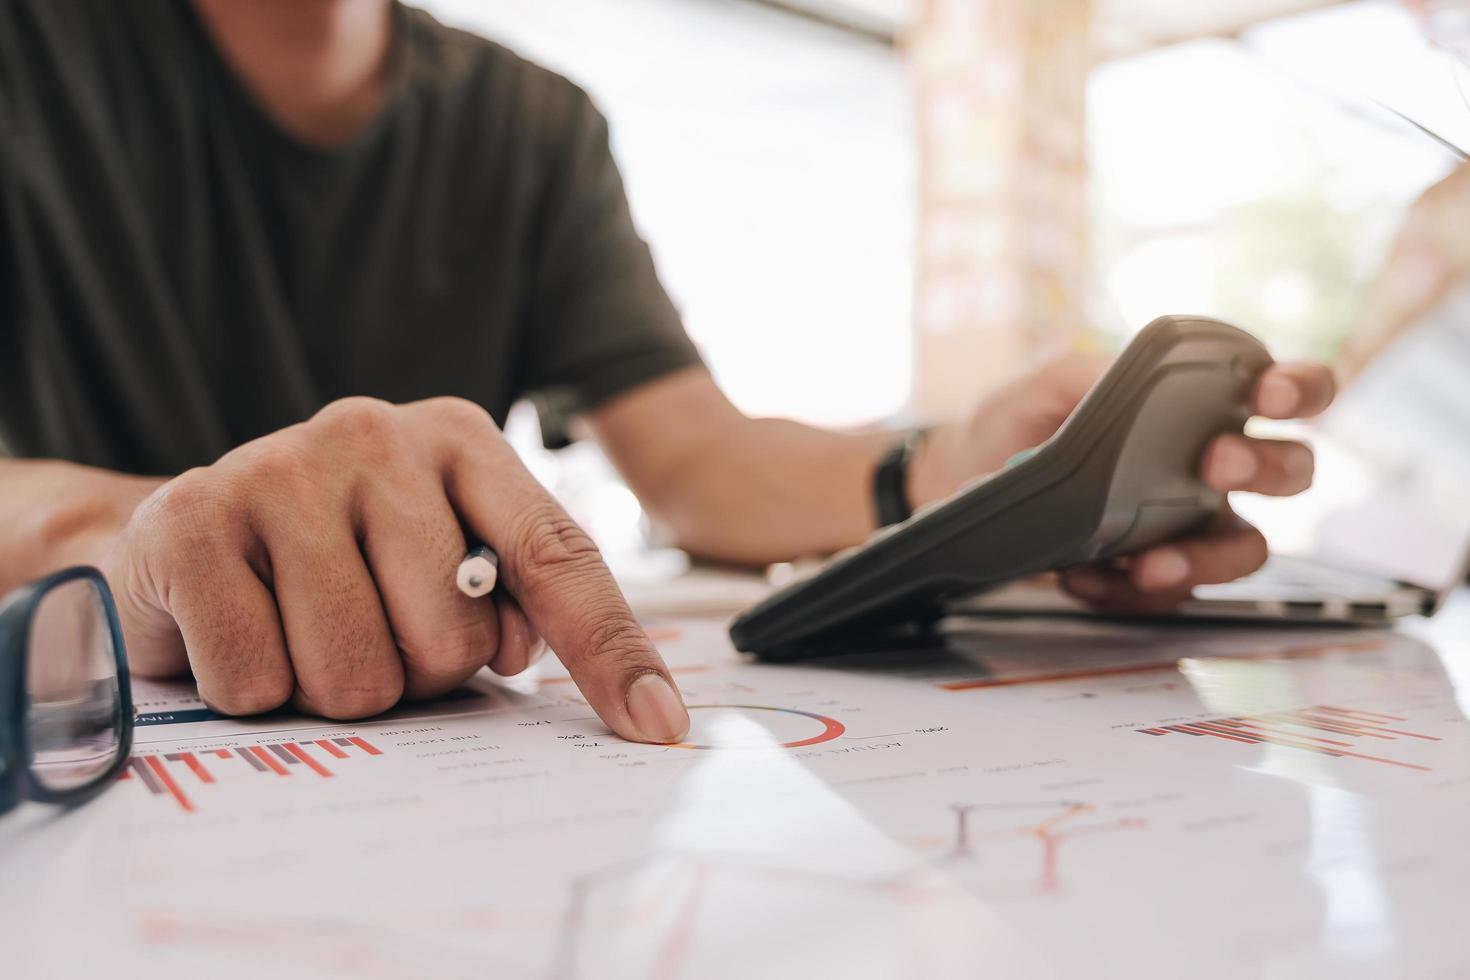 empresario trabajando con calculadora en documento financiero foto